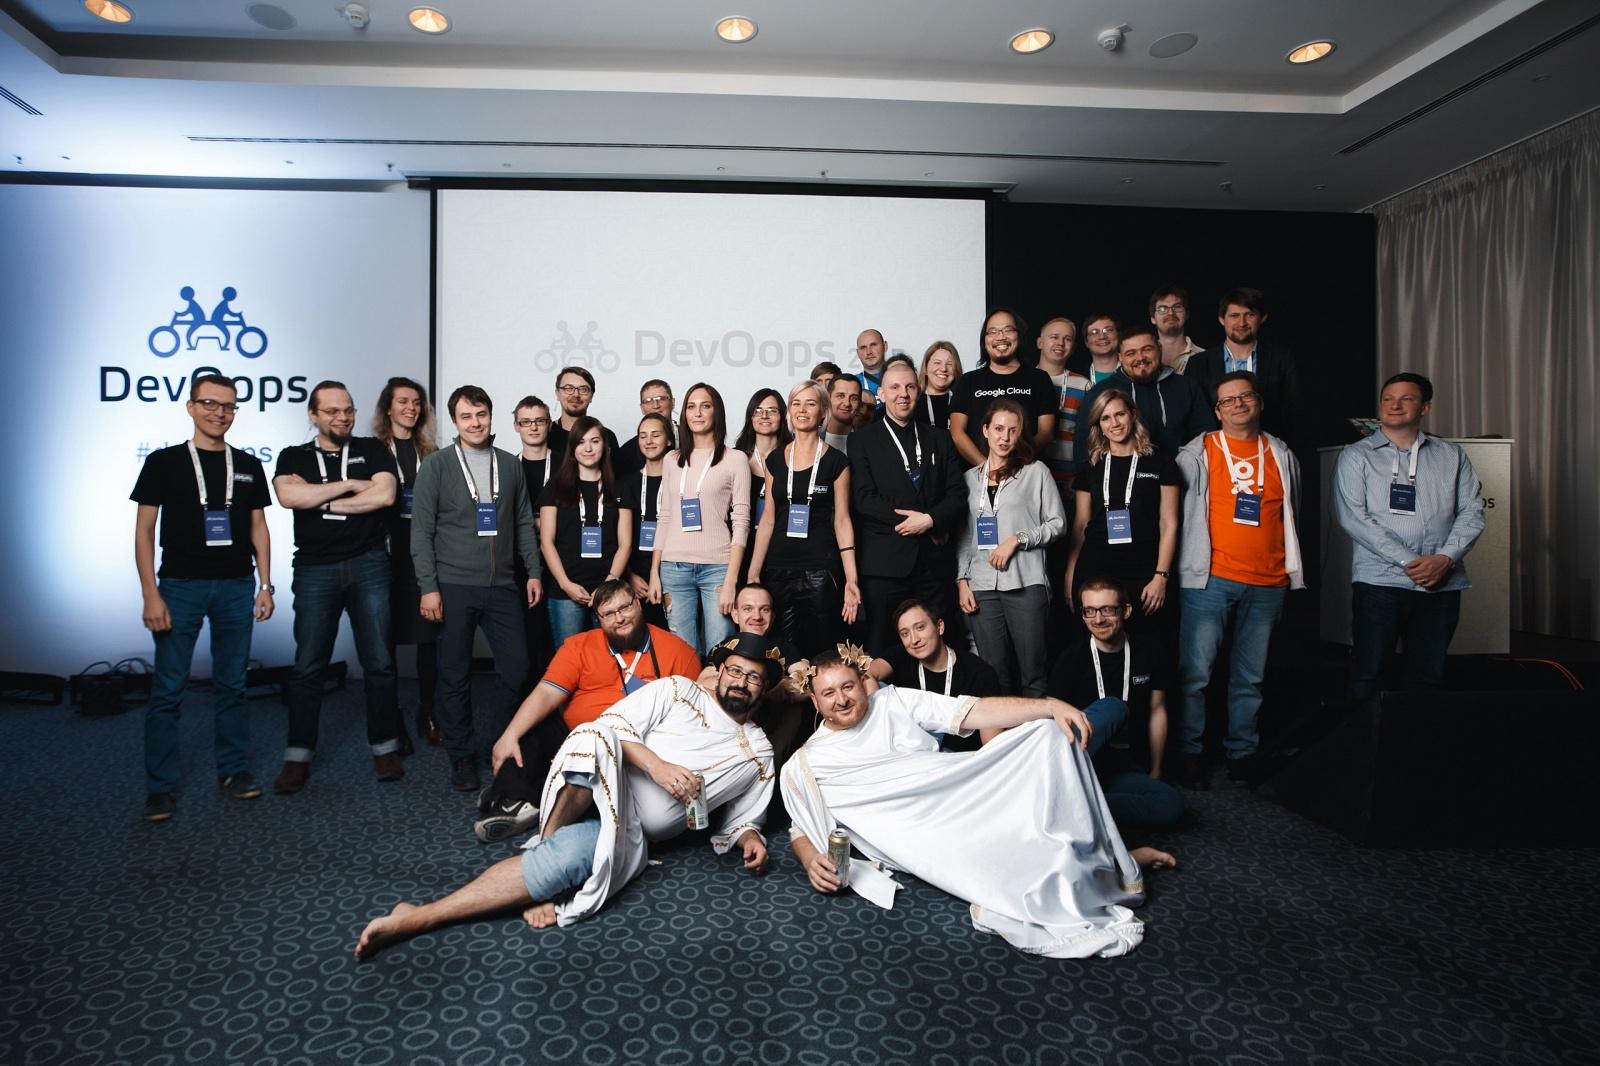 DevOops 2018: бесплатная онлайн-трансляция, вечеринка и многое другое - 7